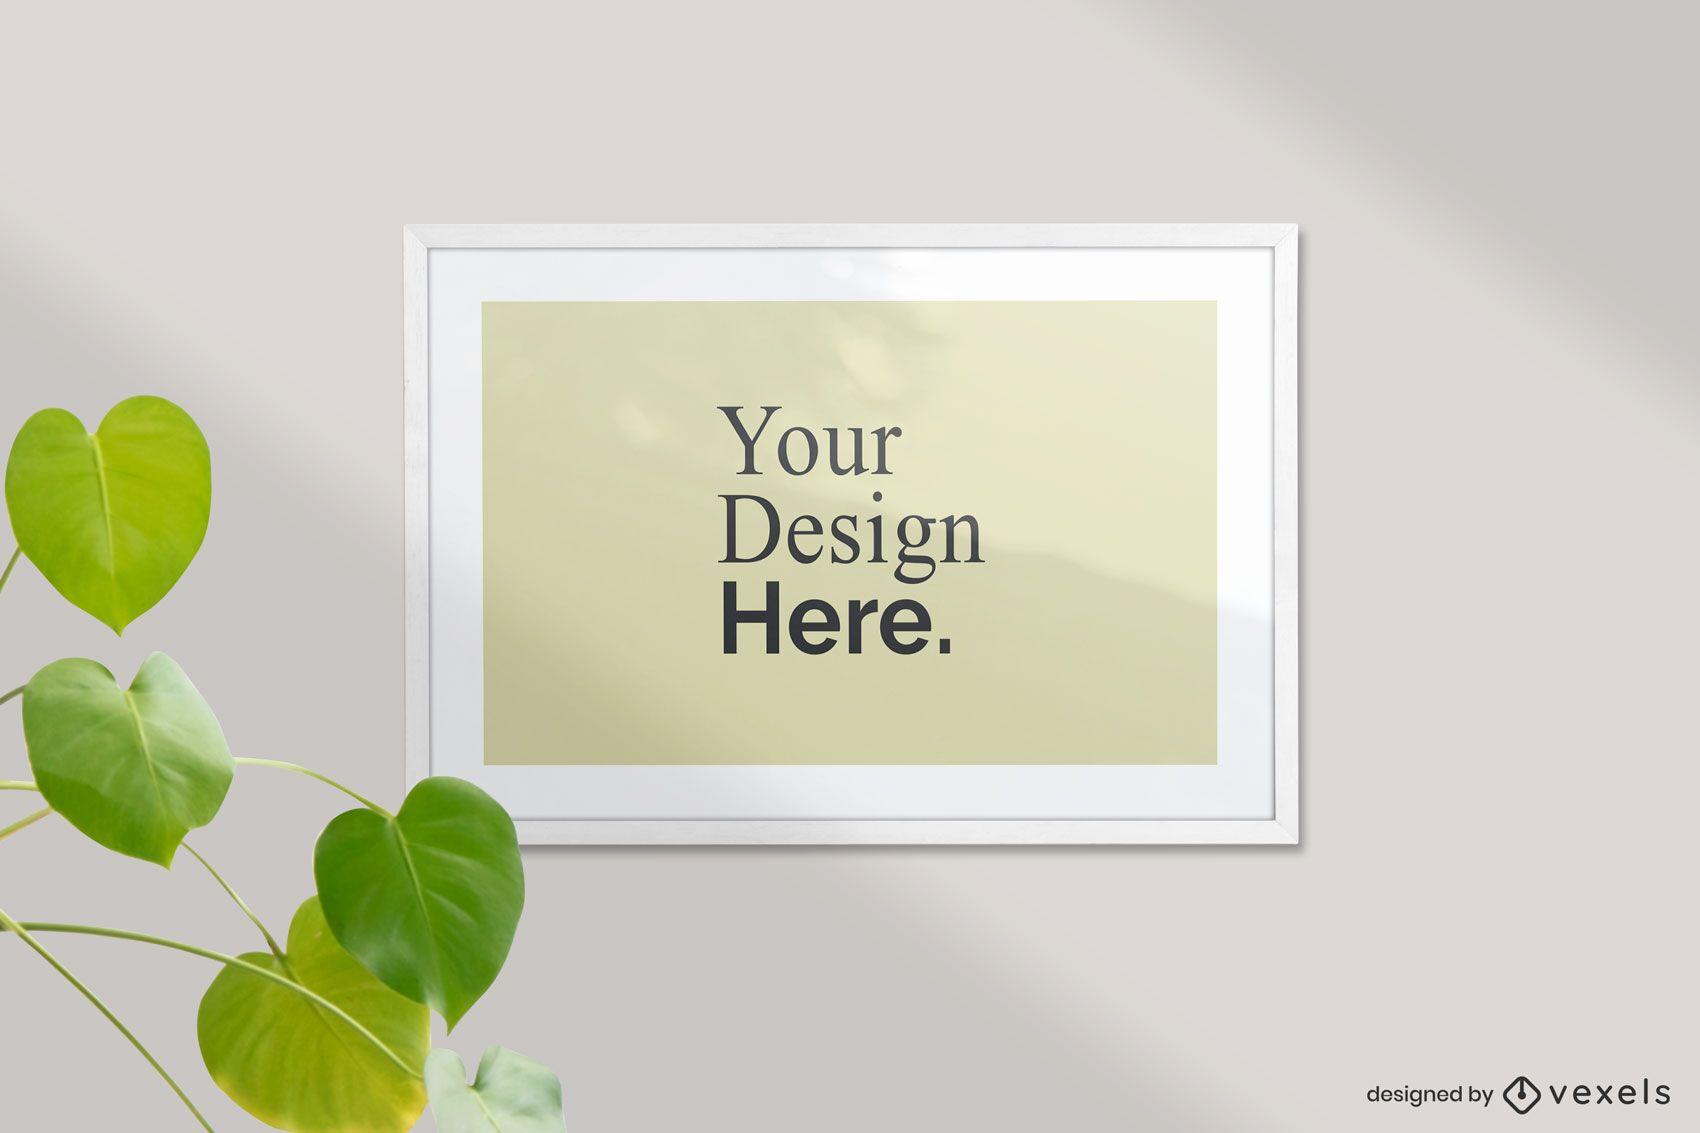 Maqueta de cartel horizontal enmarcado